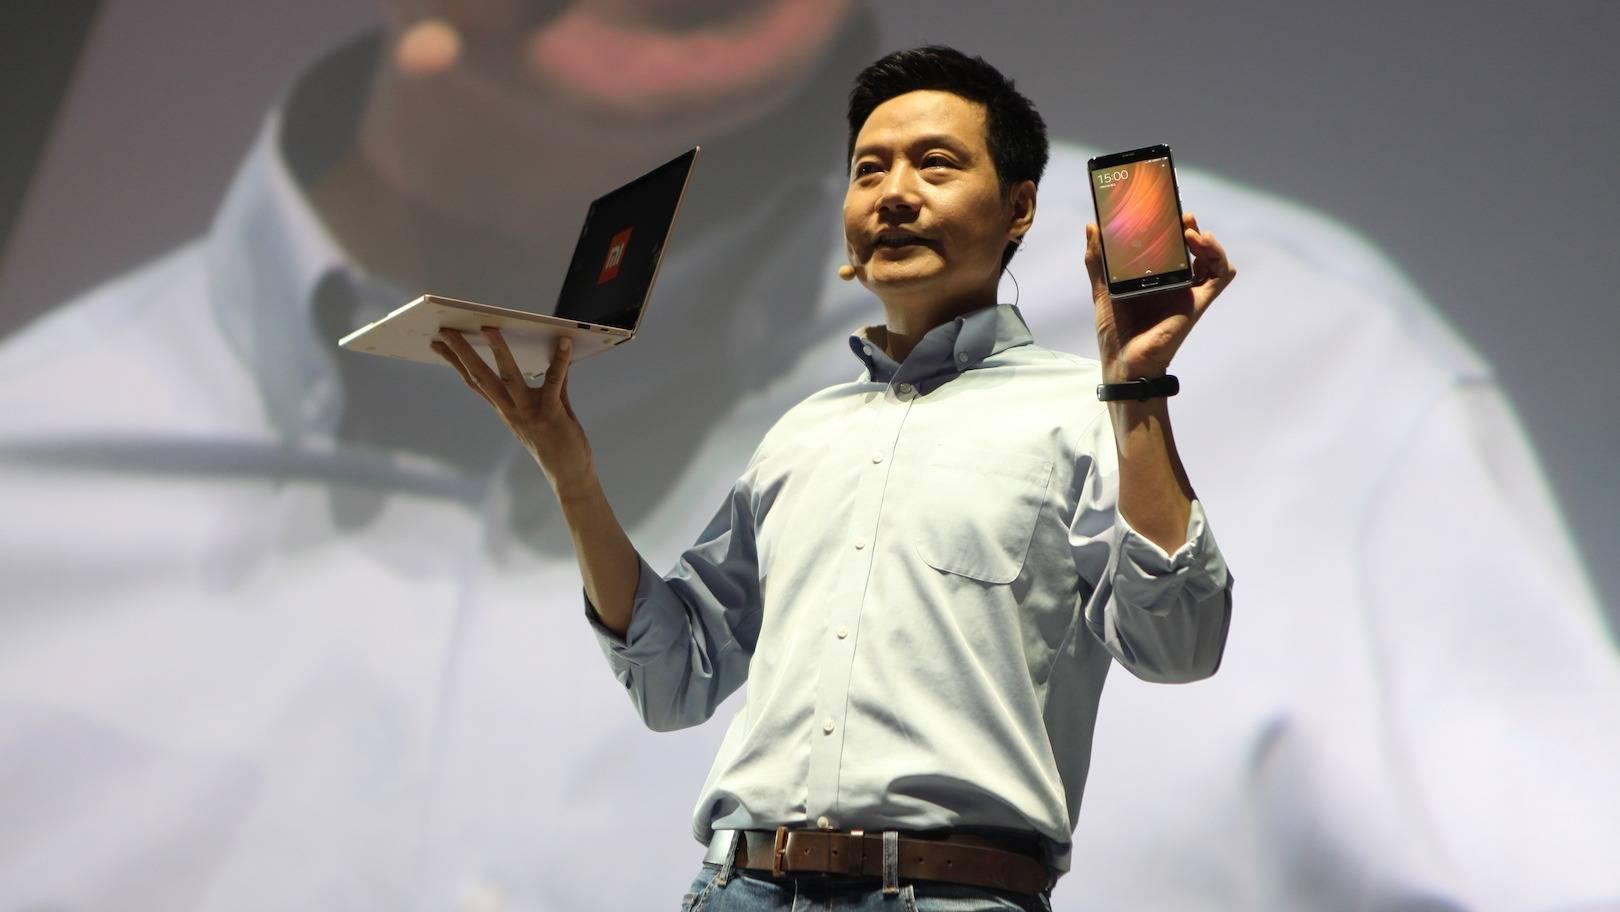 【虎嗅晚报】小米回应柔宇:悍然碰瓷、误导公众;数据显示支付宝月活超越QQ,成为中国第二大App